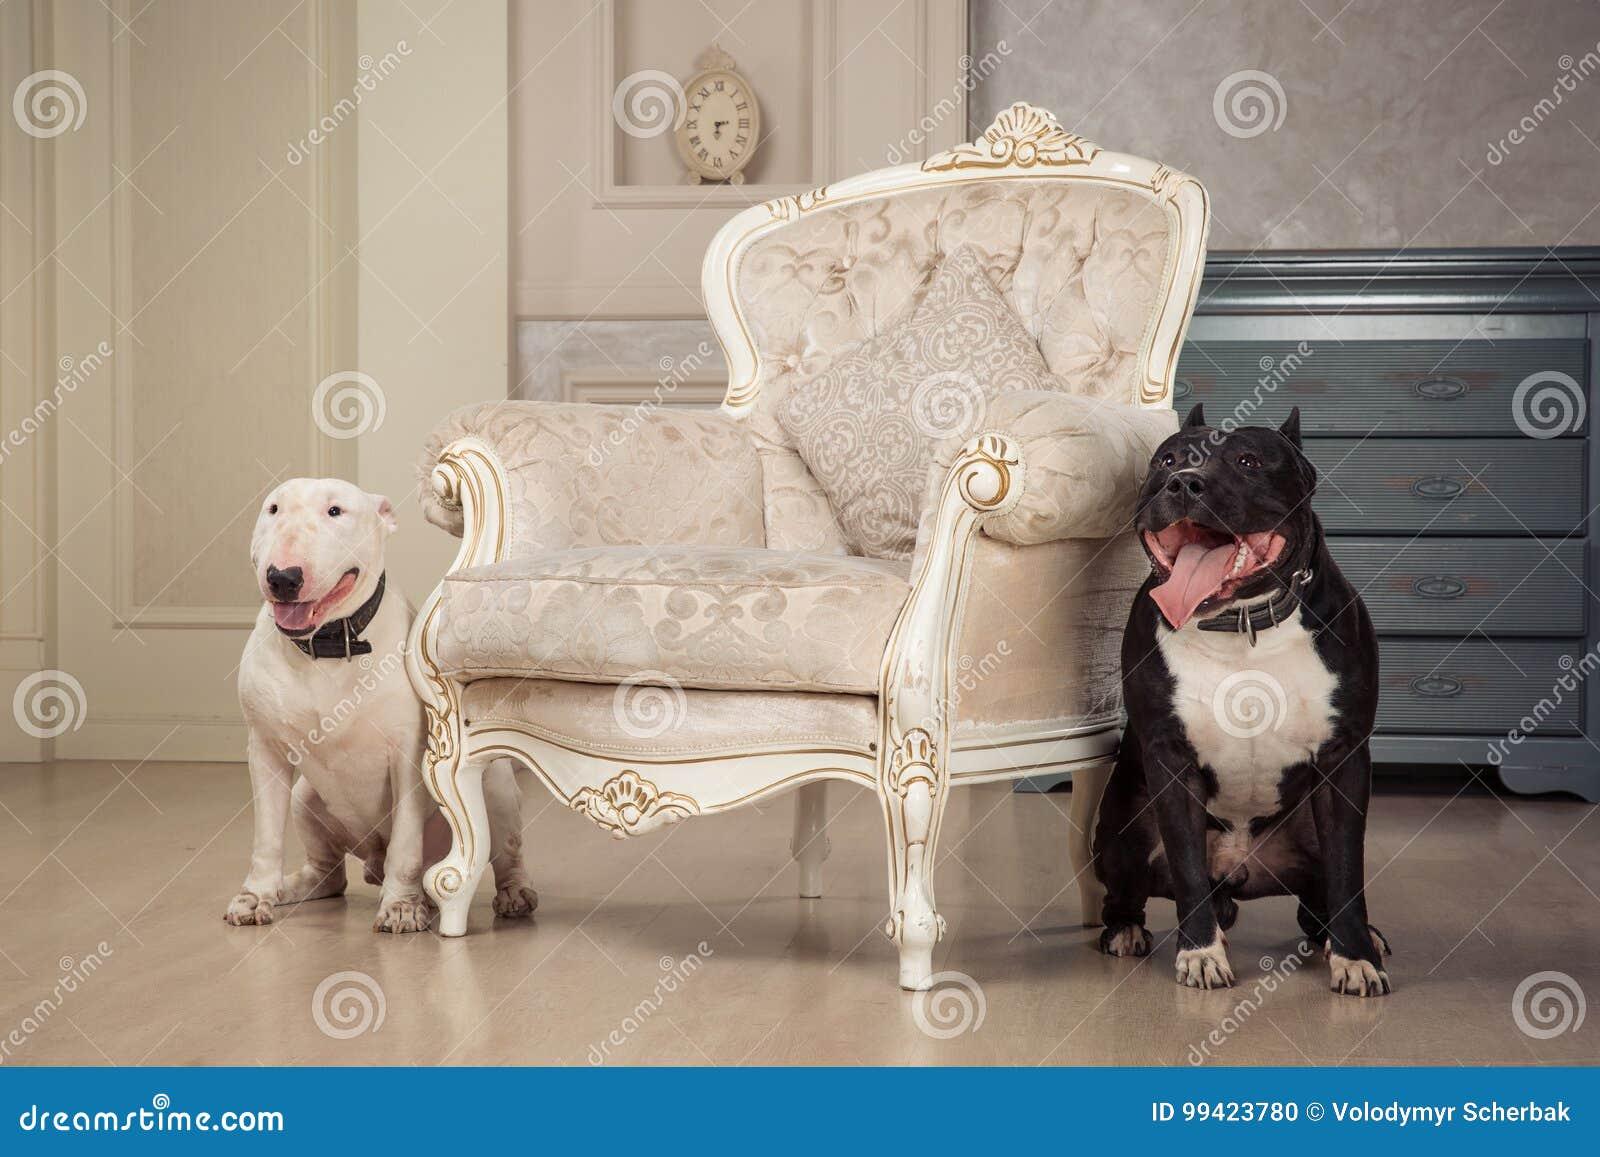 Zwei Hunde Schwarzer Pitbull Oder Staphorshireterrier Und Weiße